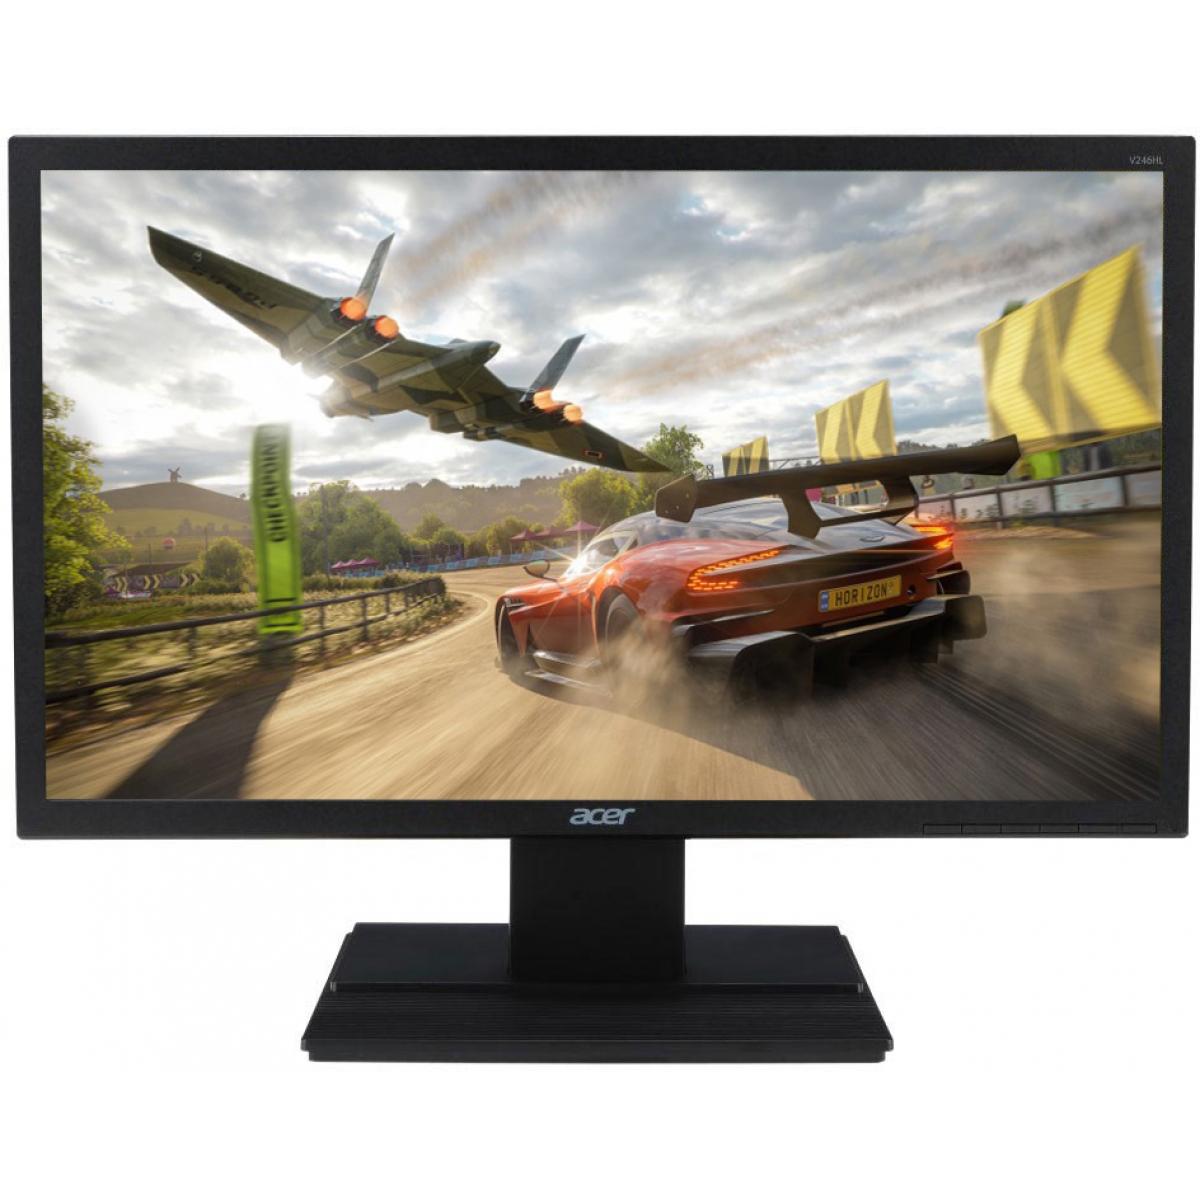 Monitor Gamer Acer 23.6 Pol, Full HD, 60Hz, 5ms, V246HQL